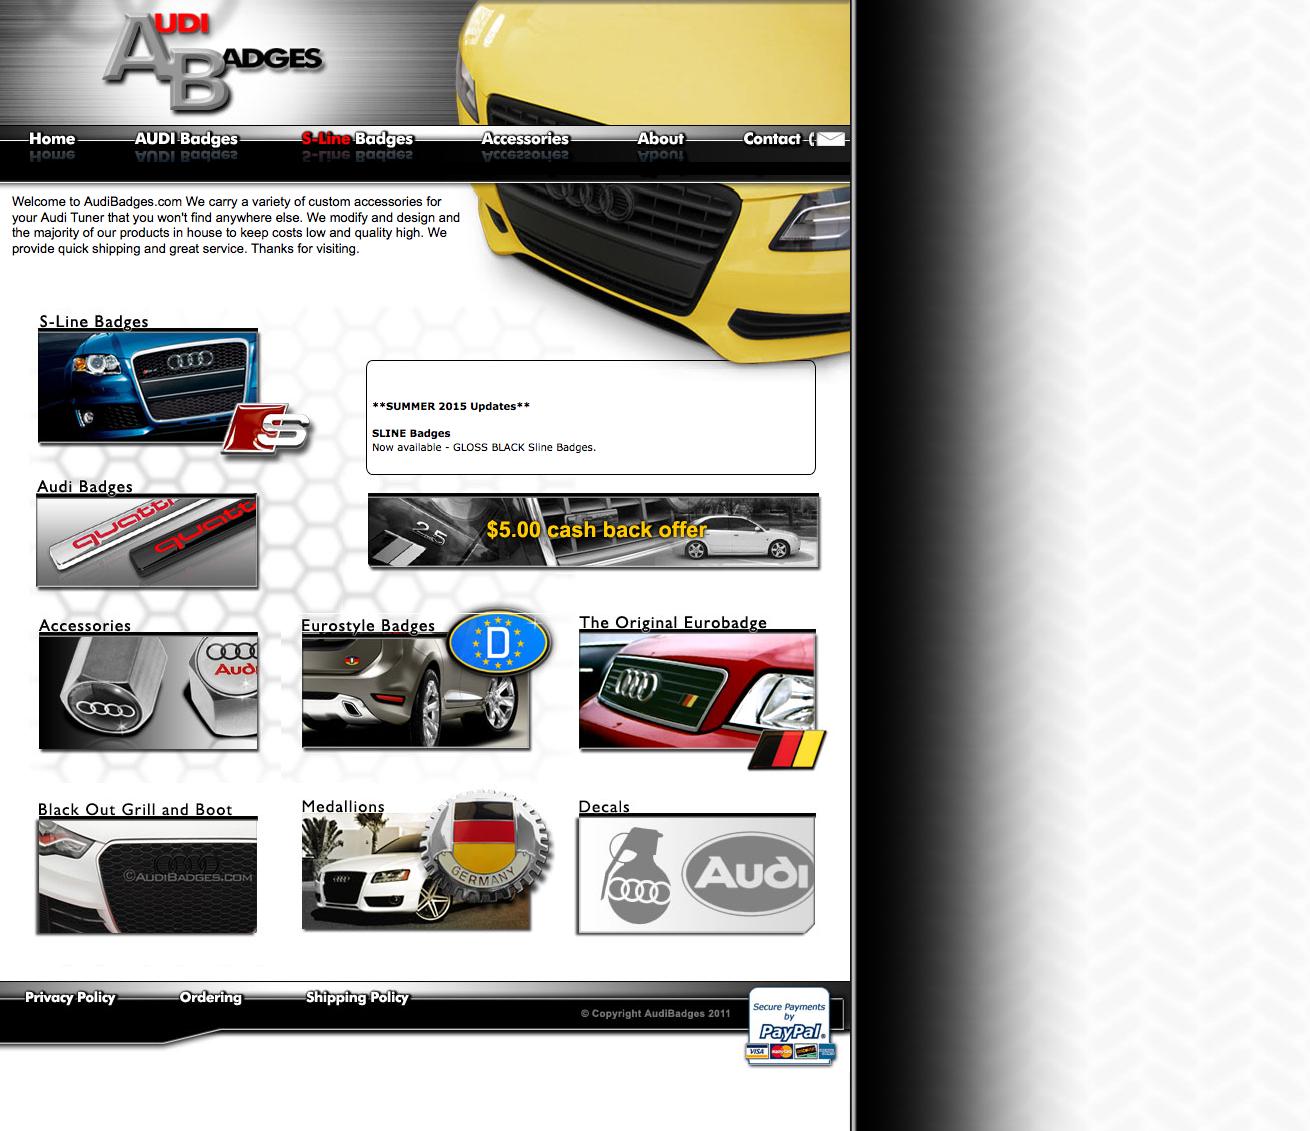 Audibadges.com